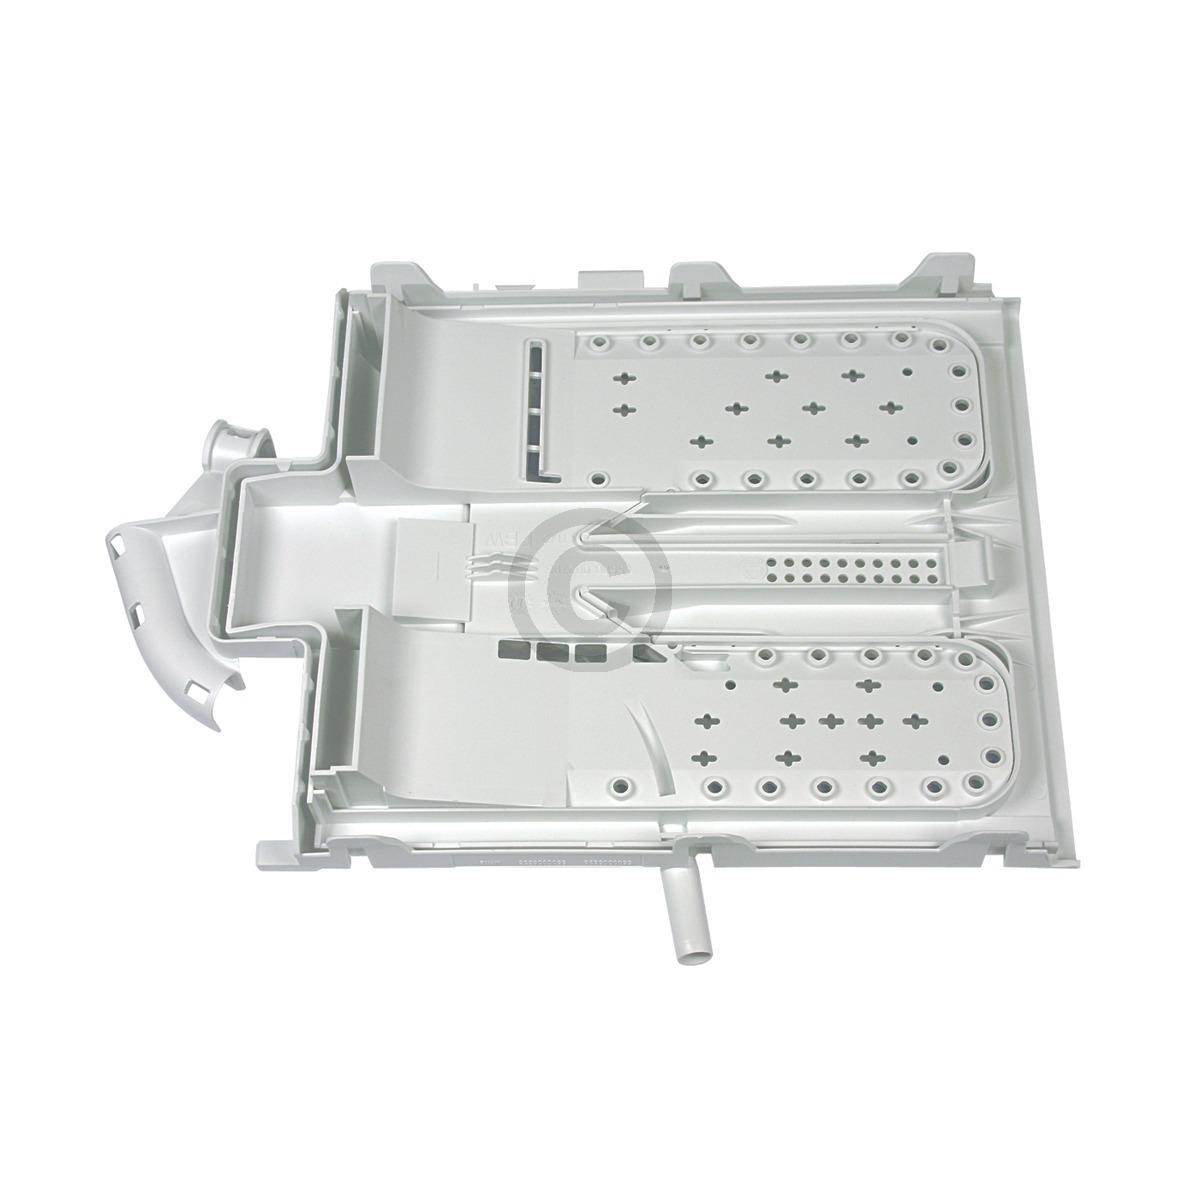 Einspülschalenoberteil 00482073 482073 Bosch, Siemens, Neff